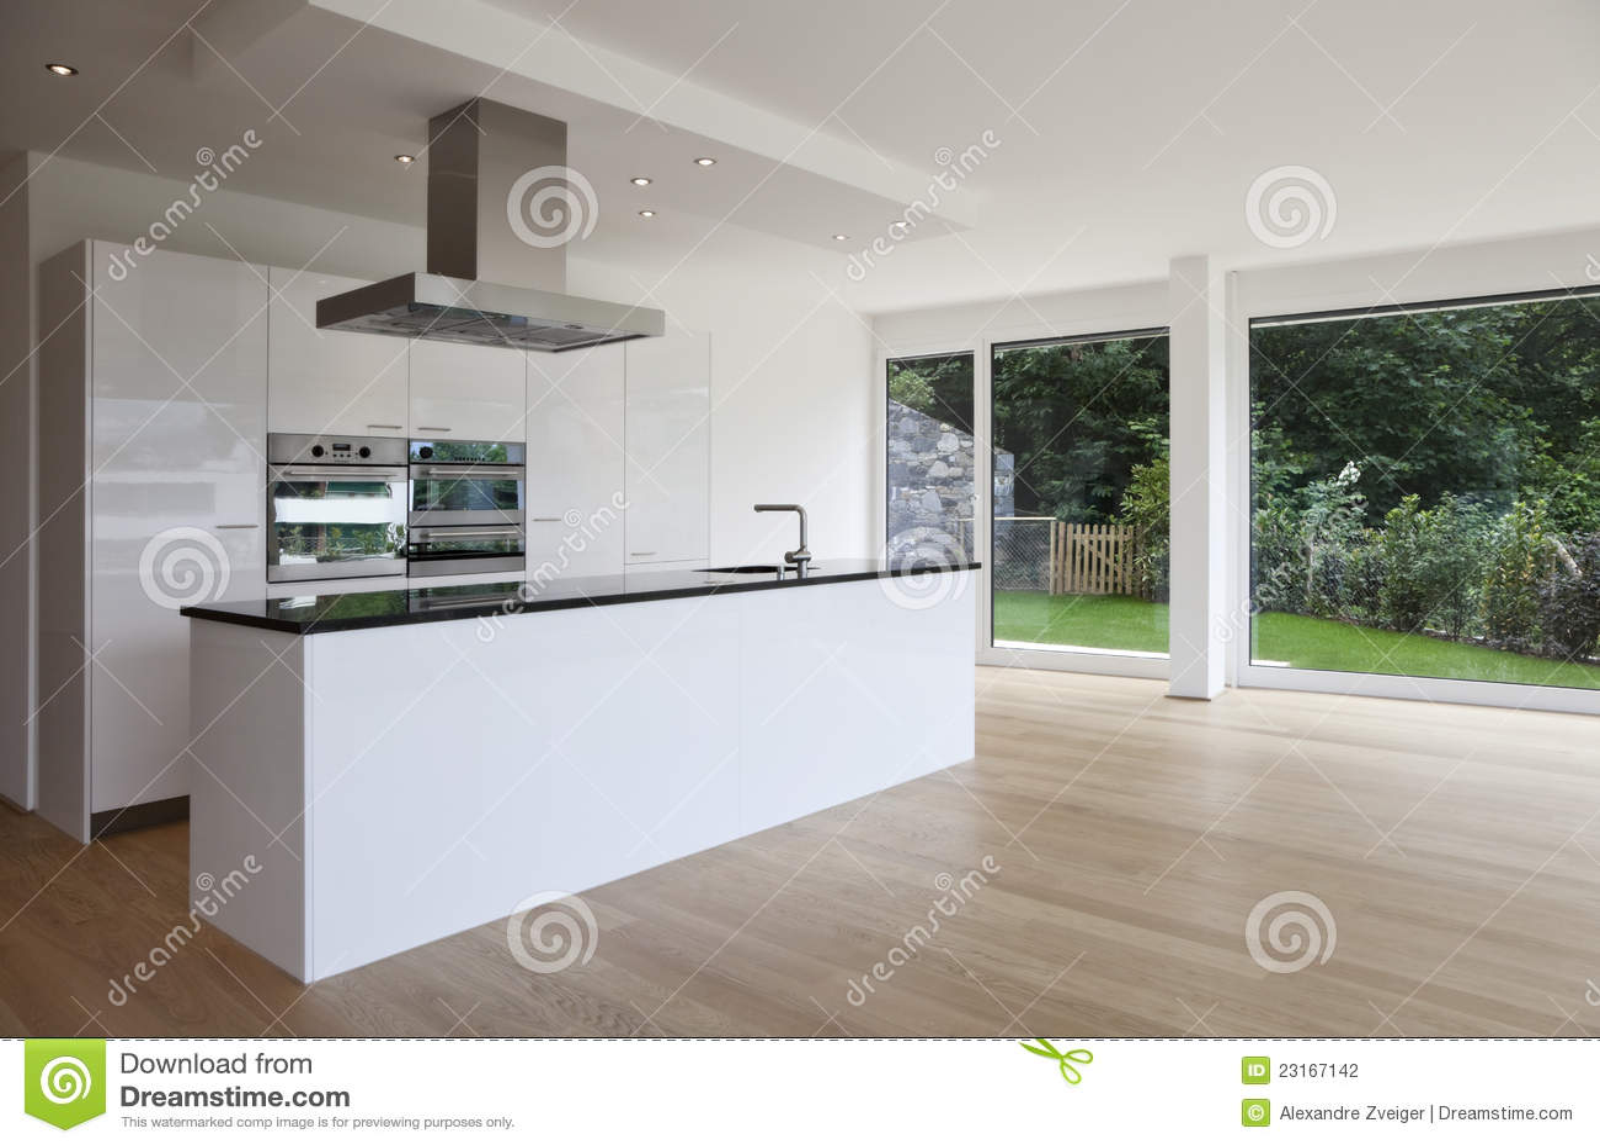 Zwarte keuken witte vloer u informatie over de keuken